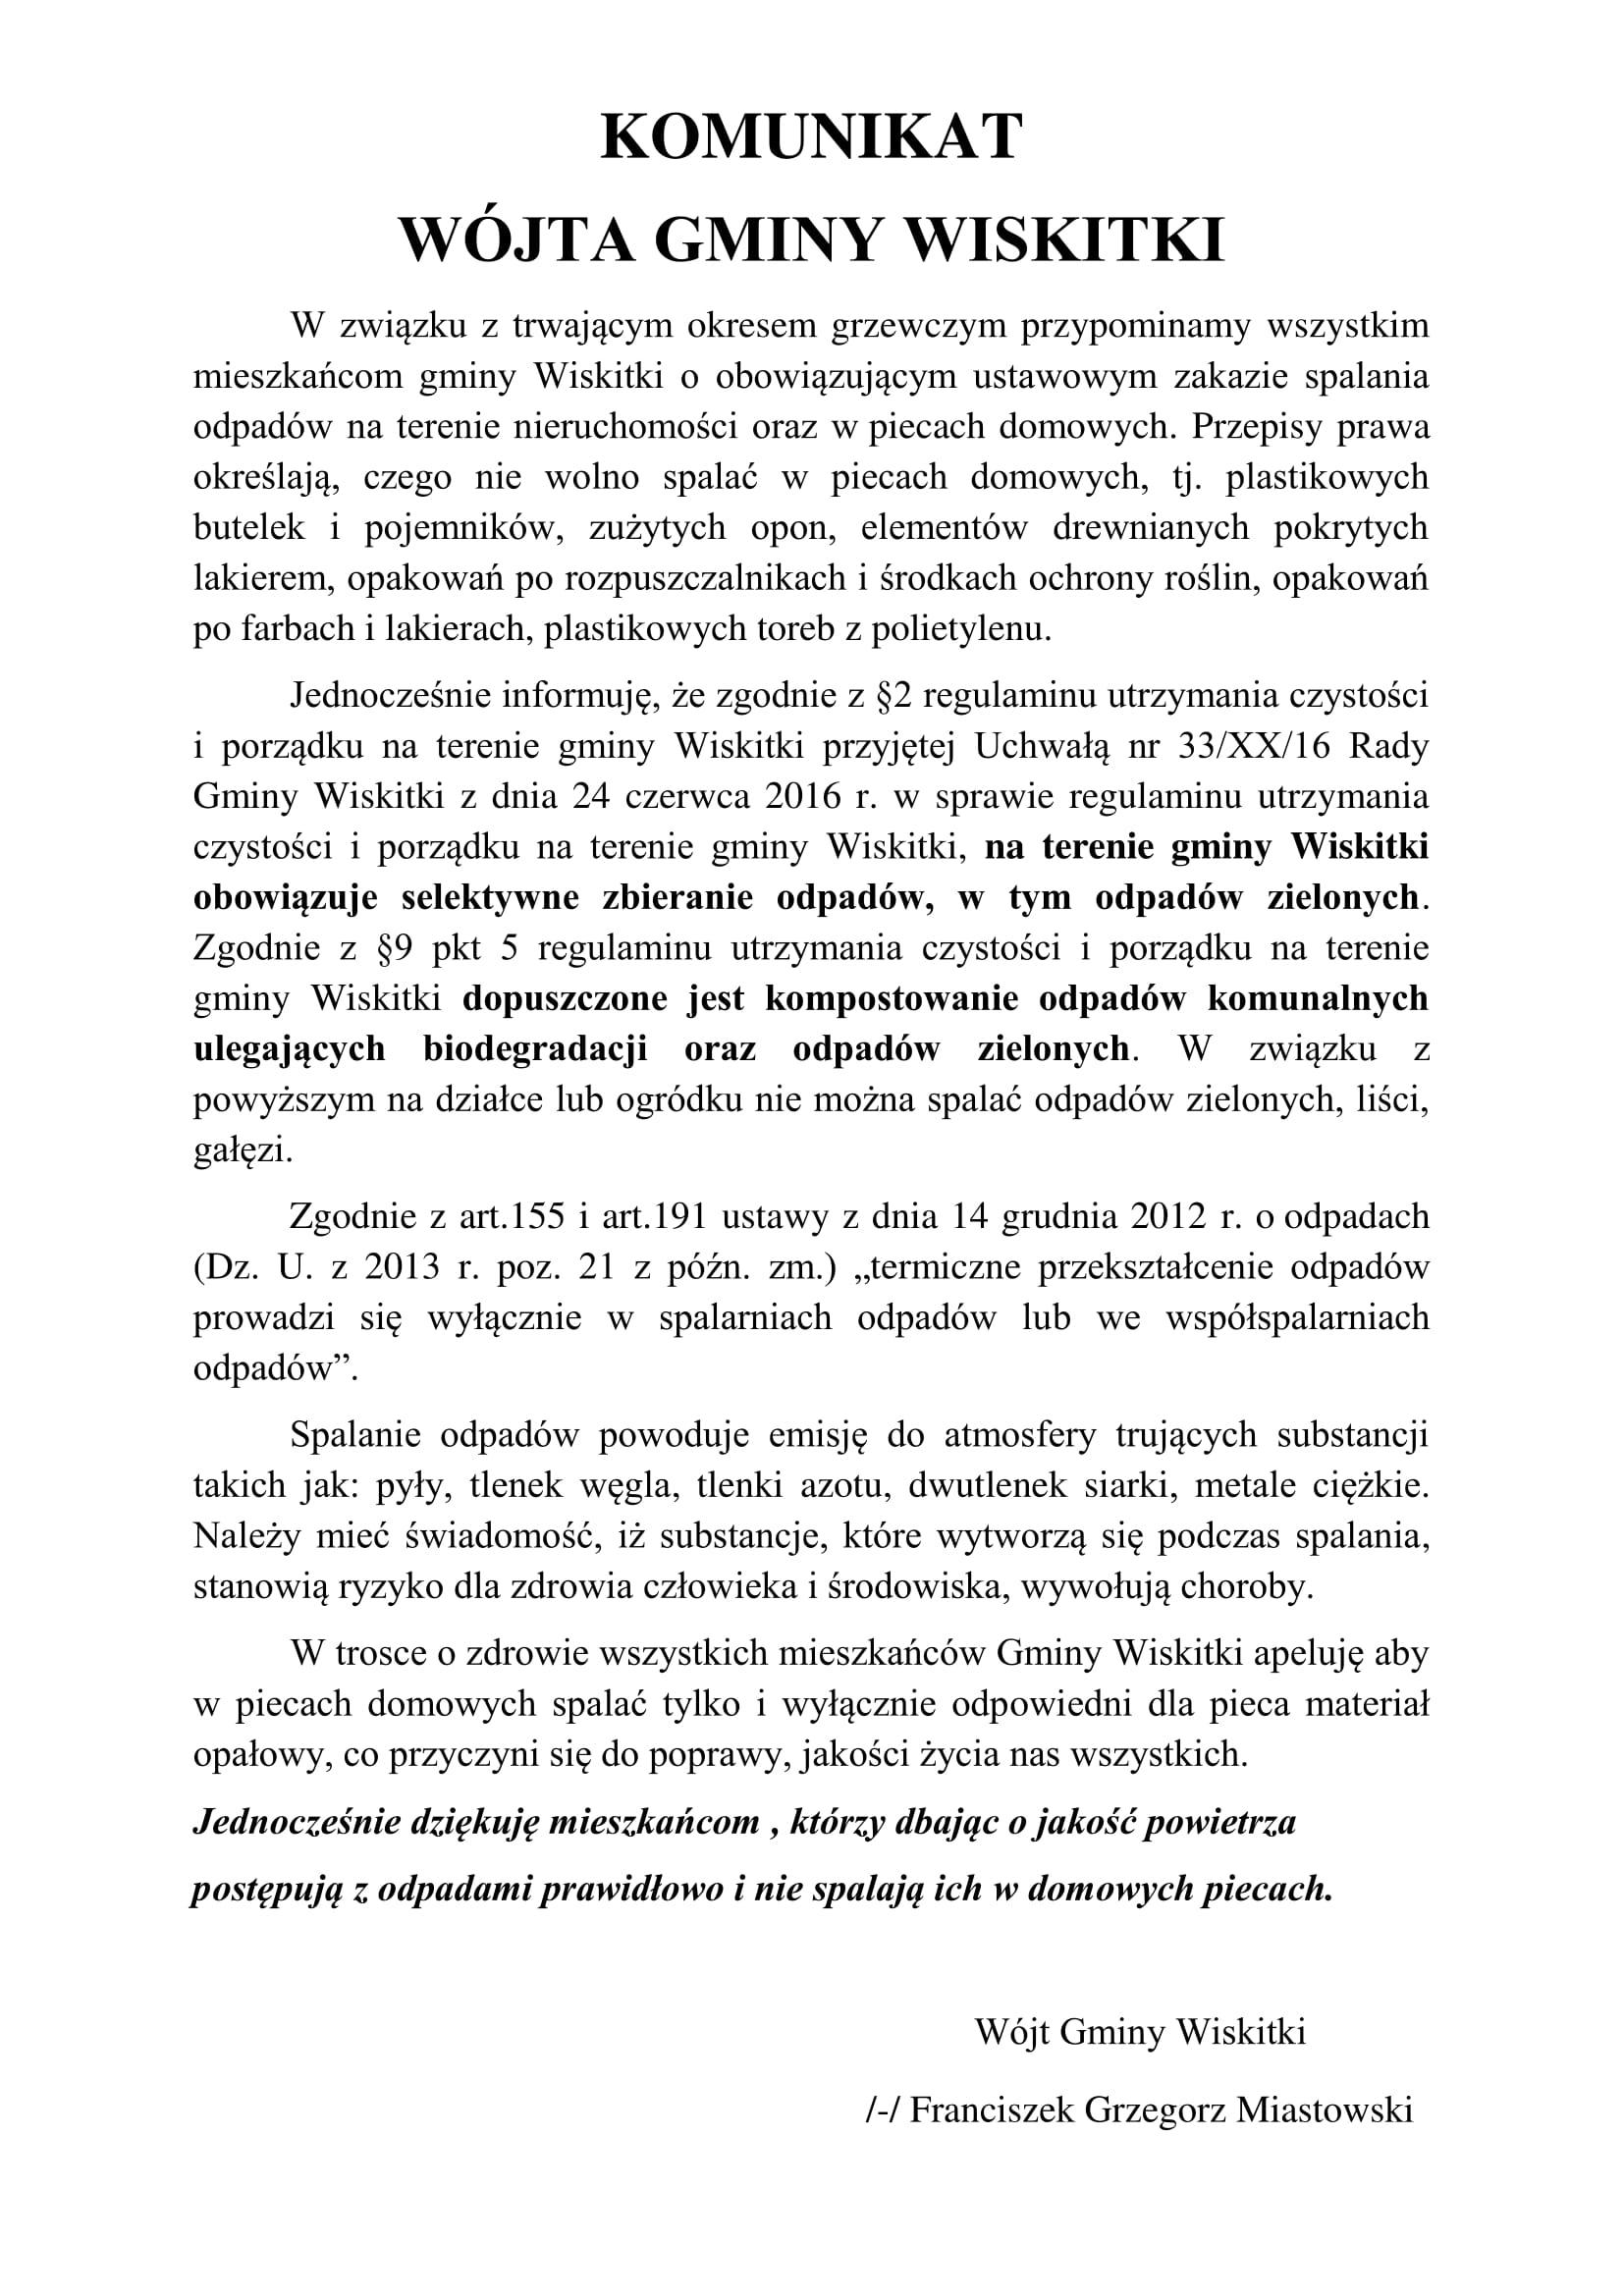 ZAKAZ PALENIA ŚMIECI-1